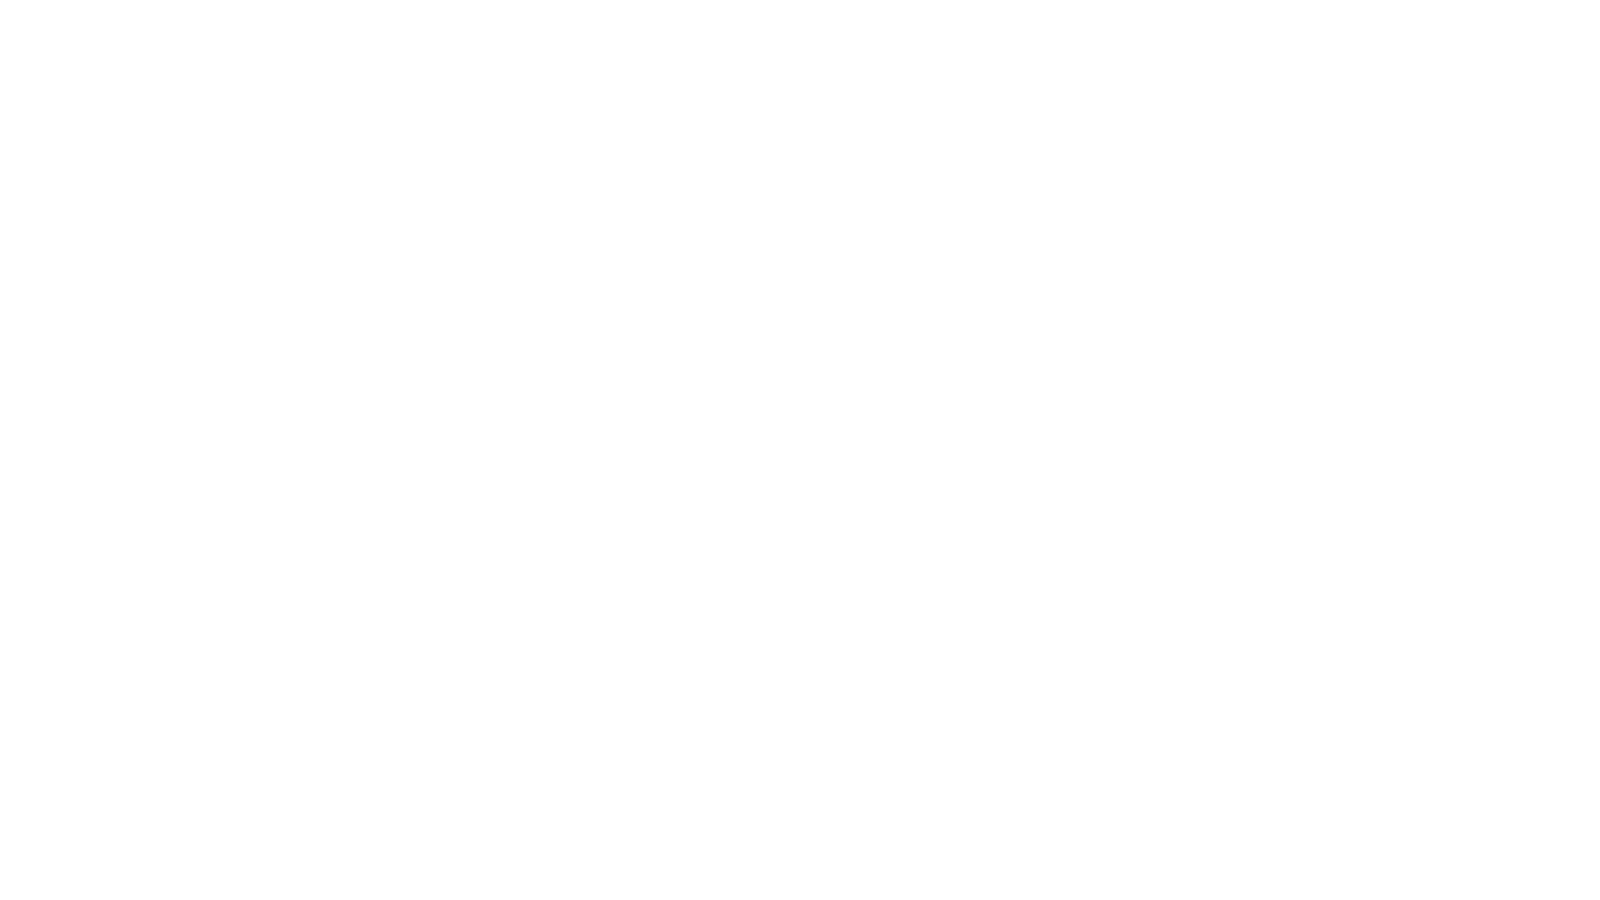 ನದಿ ಪಾತ್ರ ಜನತೆ ಸುರಕ್ಷಿತ ಸ್ಥಳಕ್ಕೆ ತೆರಳುವಂತೆ ಡಿಸಿಎಂ ಕಾರಜೋಳ ಮನವಿ  ಬೆಳಗಾವಿ : ಕೃಷ್ಣಾ ನದಿ ತೀರದಲ್ಲಿ ಪ್ರವಾಹ ತಗ್ಗಿಸಲು ಇಂದಿನಿಂದ ಆಲಮಟ್ಟಿ ಜಲಾಶಯದಿಂದ 3 ಲಕ್ಷ 50 ಸಾವಿರ ಕ್ಯೂಸೆಕ್ ನೀರು ಹೊರಗೆ ಬಿಡಲು ಸೂಚನೆ ನೀಡಲಾಗಿದೆ. ಹೀಗಾಗಿ ನದಿ ಪಾತ್ರ ಜನತೆ ಸುರಕ್ಷಿತ ಸ್ಥಳಕ್ಕೆ ತೆರಳುವಂತೆ ಡಿಸಿಎಂ ಗೋವಿಂದ ಕಾರಜೋಳ ಮನವಿ ಮಾಡಿಕೊಂಡಿದ್ದಾರೆ.  ಶನಿವಾರ ಬೆಳಗಾವಿಯಲ್ಲಿ ಮಾಧ್ಯಮಗಳ ಜೊತೆಗೆ ಮಾತನಾಡಿದ ಡಿಸಿಎಂ ಗೋವಿಂದ ಕಾರಜೋಳ ಮುಂಜಾಗ್ರತವಾಗಿ ಮೇ 31ರಿಂದ ಇಲ್ಲಿಯವರೆಗೂ ಏಳು ಸಭೆಗಳನ್ನು ನಾನು ಮಾಡಿದ್ದೇನೆ. ನಮ್ಮ ಅಧಿಕಾರಿಗಳ ತಂಡ ಉತ್ತಮ ರೀತಿಯಲ್ಲಿ ಕೆಲಸ ಮಾಡುತ್ತಿದ್ದು. ಇವತ್ತು ಅಂತಹ ದೊಡ್ಡ ಪ್ರಮಾಣದ ಪ್ರವಾಹ ಬಂದಿಲ್ಲ. ಒಂದು ವೇಳೆ ಬಂದರೂ ಕೂಡ ಎದುರಿಸುವ ಎಲ್ಲ ರೀತಿಯ ವ್ಯವಸ್ಥೆ ಮಾಡಿಕೊಂಡಿದ್ದೇವೆ. ಹೀಗಾಗಿ ಜನರು ಆತಂಕ ಪಡುವ ಅವಶ್ಯಕತೆ ಇಲ್ಲ. ಇನ್ನು ಅಧಿಕಾರಿಗಳ ಸೂಚನೆಯನ್ನ ನಿರ್ಲಕ್ಷ್ಯ ಮಾಡದೇ ಜನರು ಸುರಕ್ಷಿತ ಸ್ಥಳಗಳಿಗೆ ಹೋಗಬೇಕು ಎಂದು ಮನವಿ ಮಾಡಿಕೊಂಡರು.  ಉತ್ತರಕರ್ನಾಟಕದಲ್ಲಿ ಉತ್ತರಕನ್ನಡ, ಬೆಳಗಾವಿ, ಬಾಗಲಕೋಟೆ ಜಿಲ್ಲೆಗಳಿಗೆ ಪ್ರವಾಹ ಕ್ರಮವಾಗಿ ಅತೀ ಹೆಚ್ಚು ಹಾನಿ ಉಂಟಾಗಿದೆ. ಇನ್ನು ಪ್ರವಾಹ ತಗ್ಗಿಸಲು ಆಲಮಟ್ಟಿ ಡ್ಯಾಂನಿಂದ 3 ಲಕ್ಷ 50 ಸಾವಿರ ಕ್ಯೂಸೆಕ್ ನೀರು ಇಂದಿನಿಂದ ಹೊರಗೆ ಬಿಡಲು ಅಧಿಕಾರಿಗಳಿಗೆ ಸೂಚಿಸಿರುವೆ. ಘಟಪ್ರಭಾಗೆ 80 ಸಾವಿರ ಕ್ಯೂಸೆಕ್ ನೀರು ಹರಿದು ಬಂದ್ರು, ಬರೀ 25 ಸಾವಿರ ನೀರು ಹಿಡಕಲ್ ಡ್ಯಾಂನಿಂದ ಹೊರಕ್ಕೆ ಬಿಡಲು ಅಧಿಕಾರಿಗಳಿಗೆ ಸೂಚಿಸಿರುವೆ ಎಂದು ಹೇಳಿದರು.